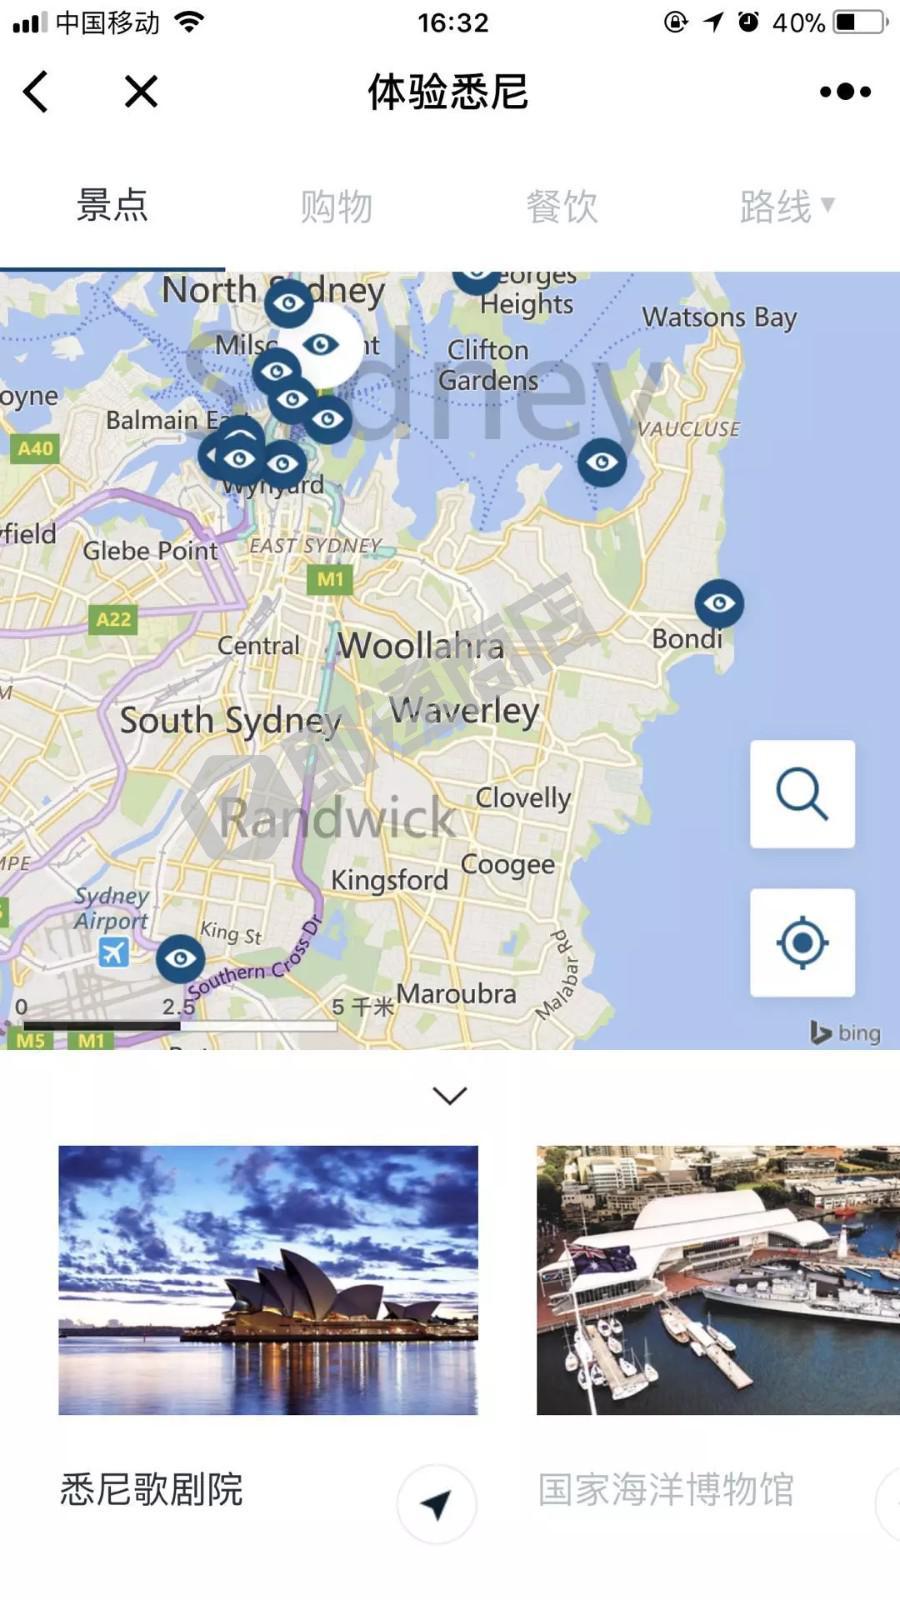 体验悉尼小程序列表页截图